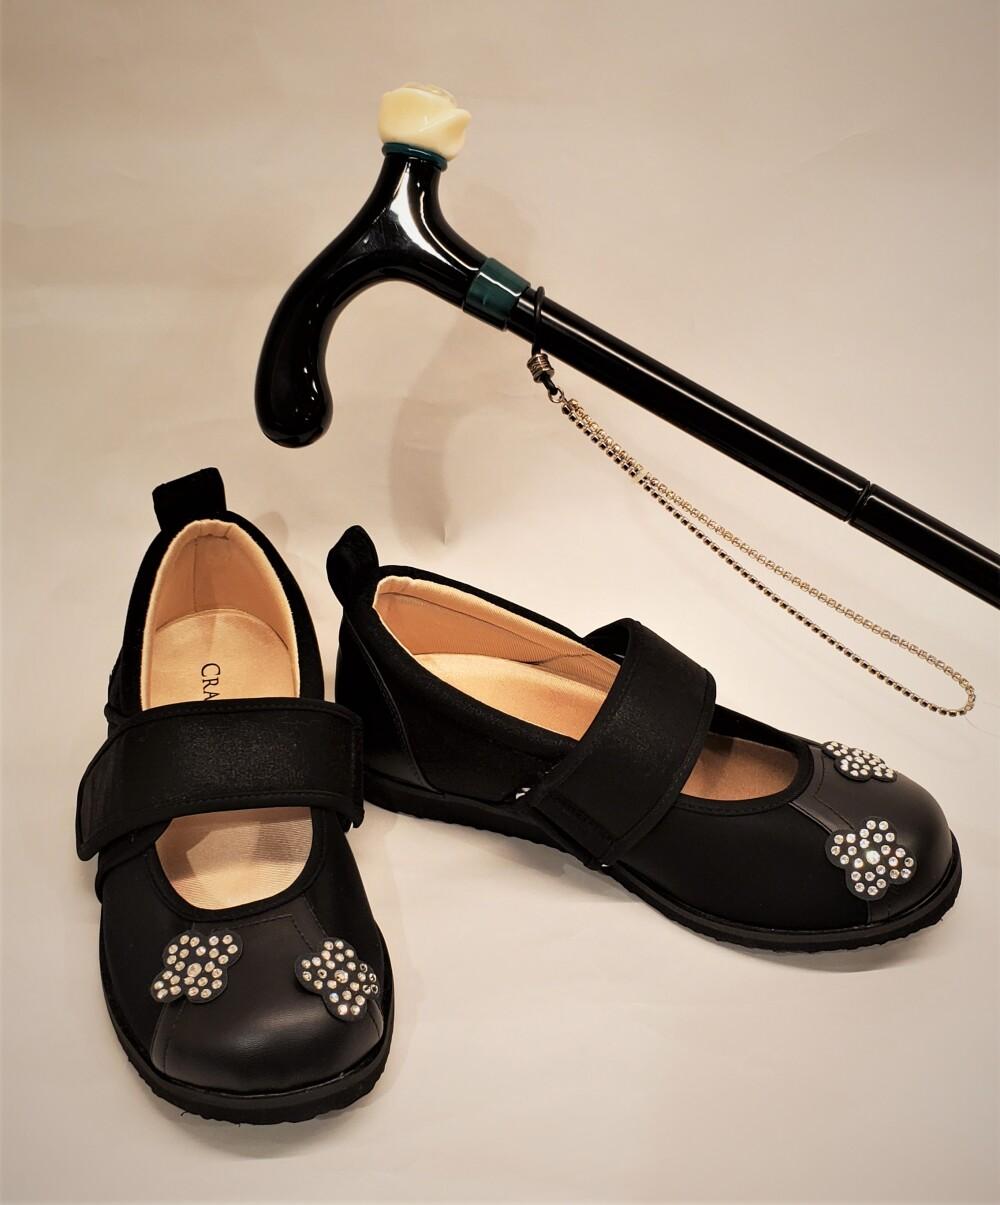 「靴選びをあきらめない」外反母趾・幅広・甲高・浮腫みに